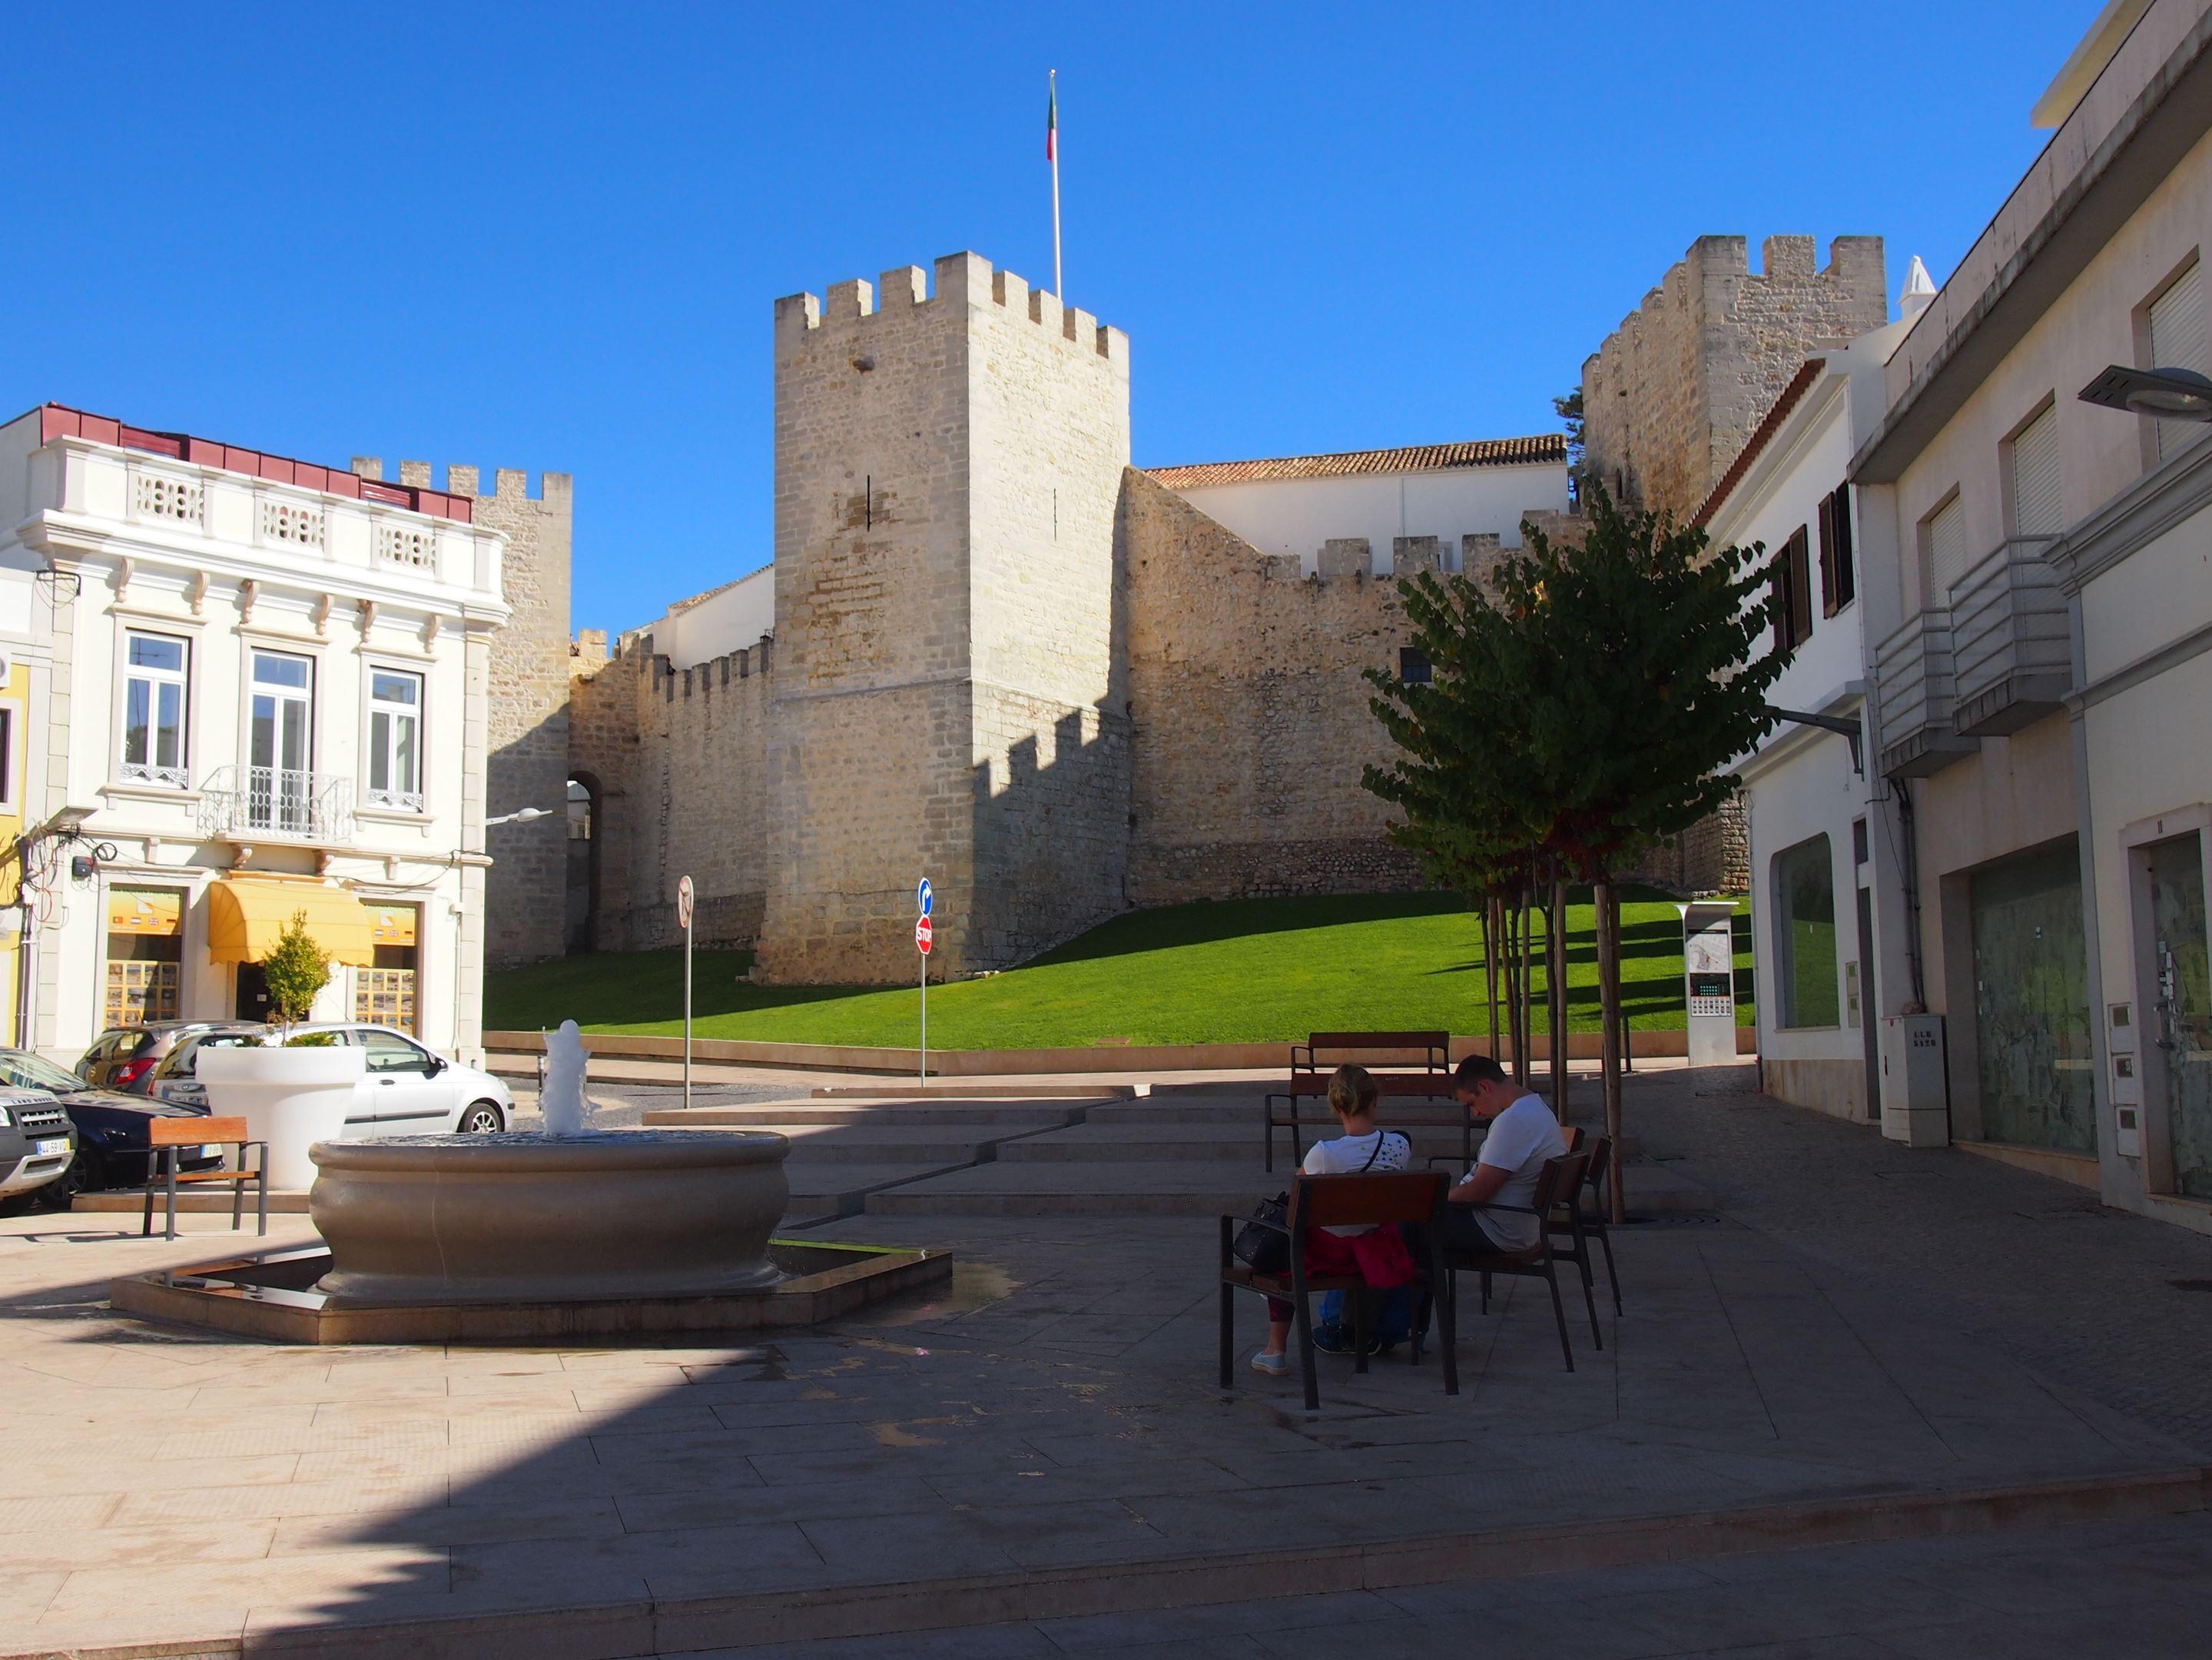 Château de Loulé, Algarve, datant du 15ème siècle